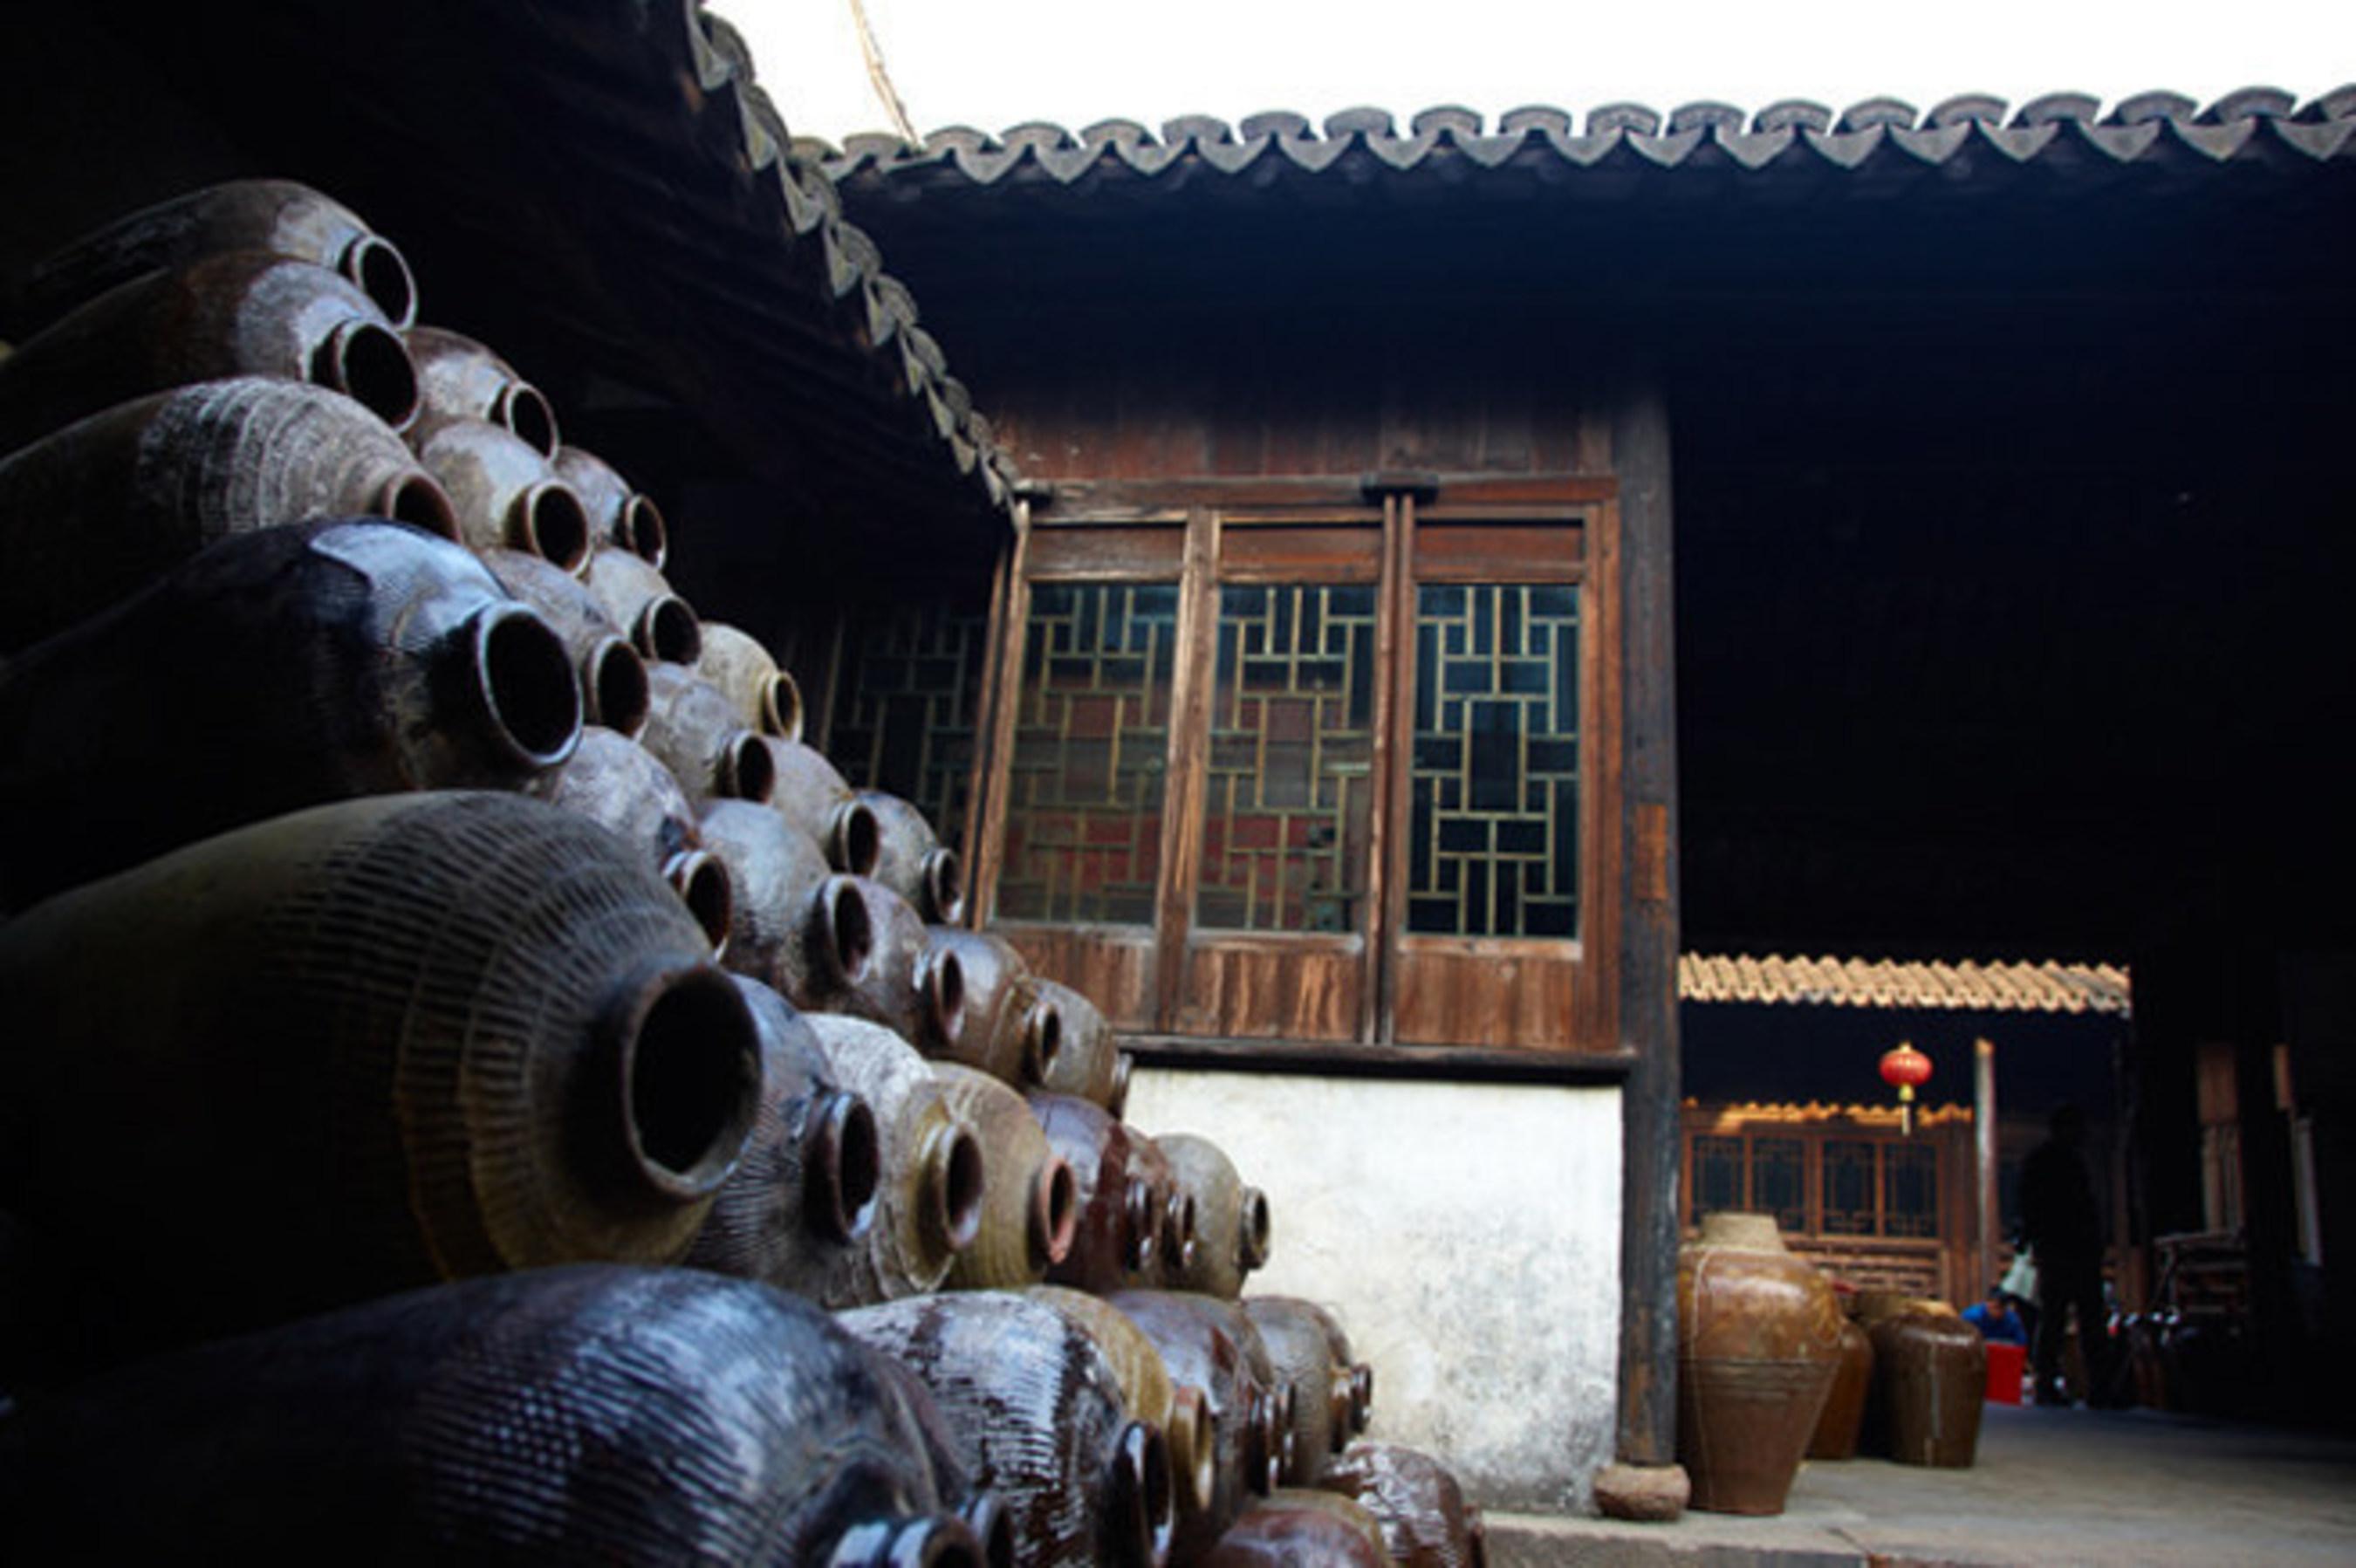 Historische volkstümliche Schnapsbrennerei in Zhouzhuang braut gelben Reiswein und Geschichte